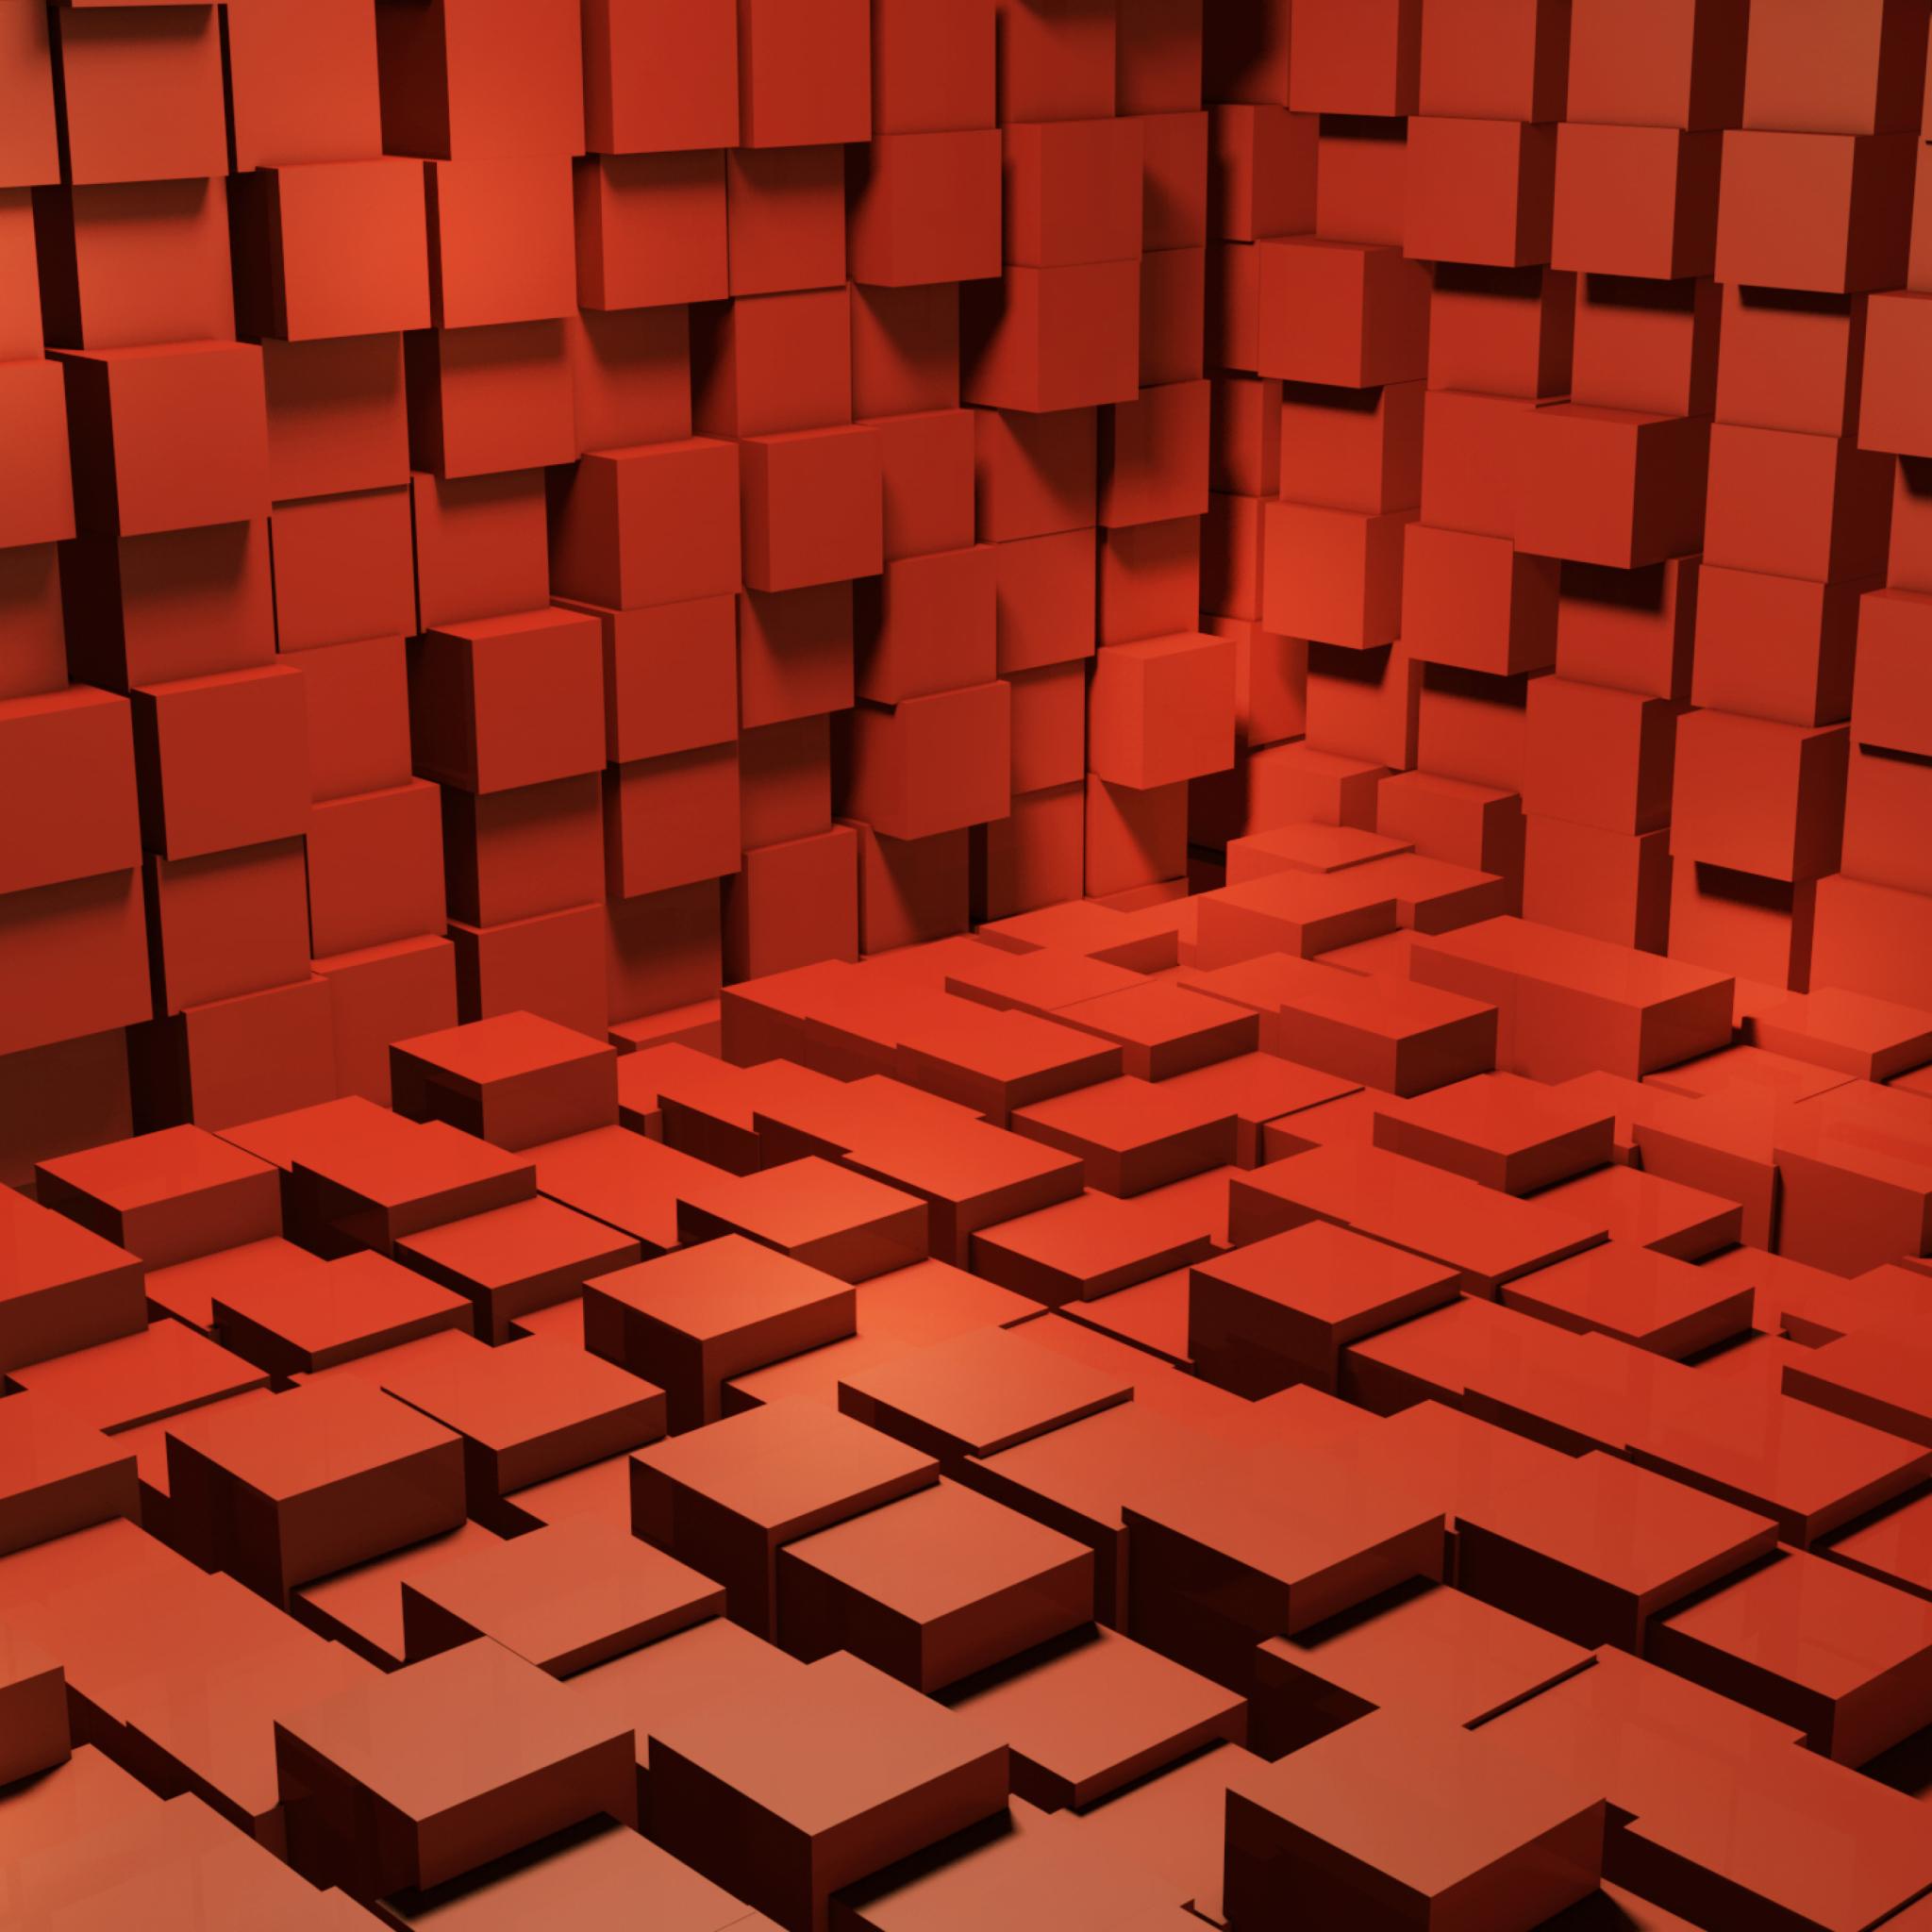 графика 3D кубы цветы graphics Cuba flowers  № 3739373  скачать